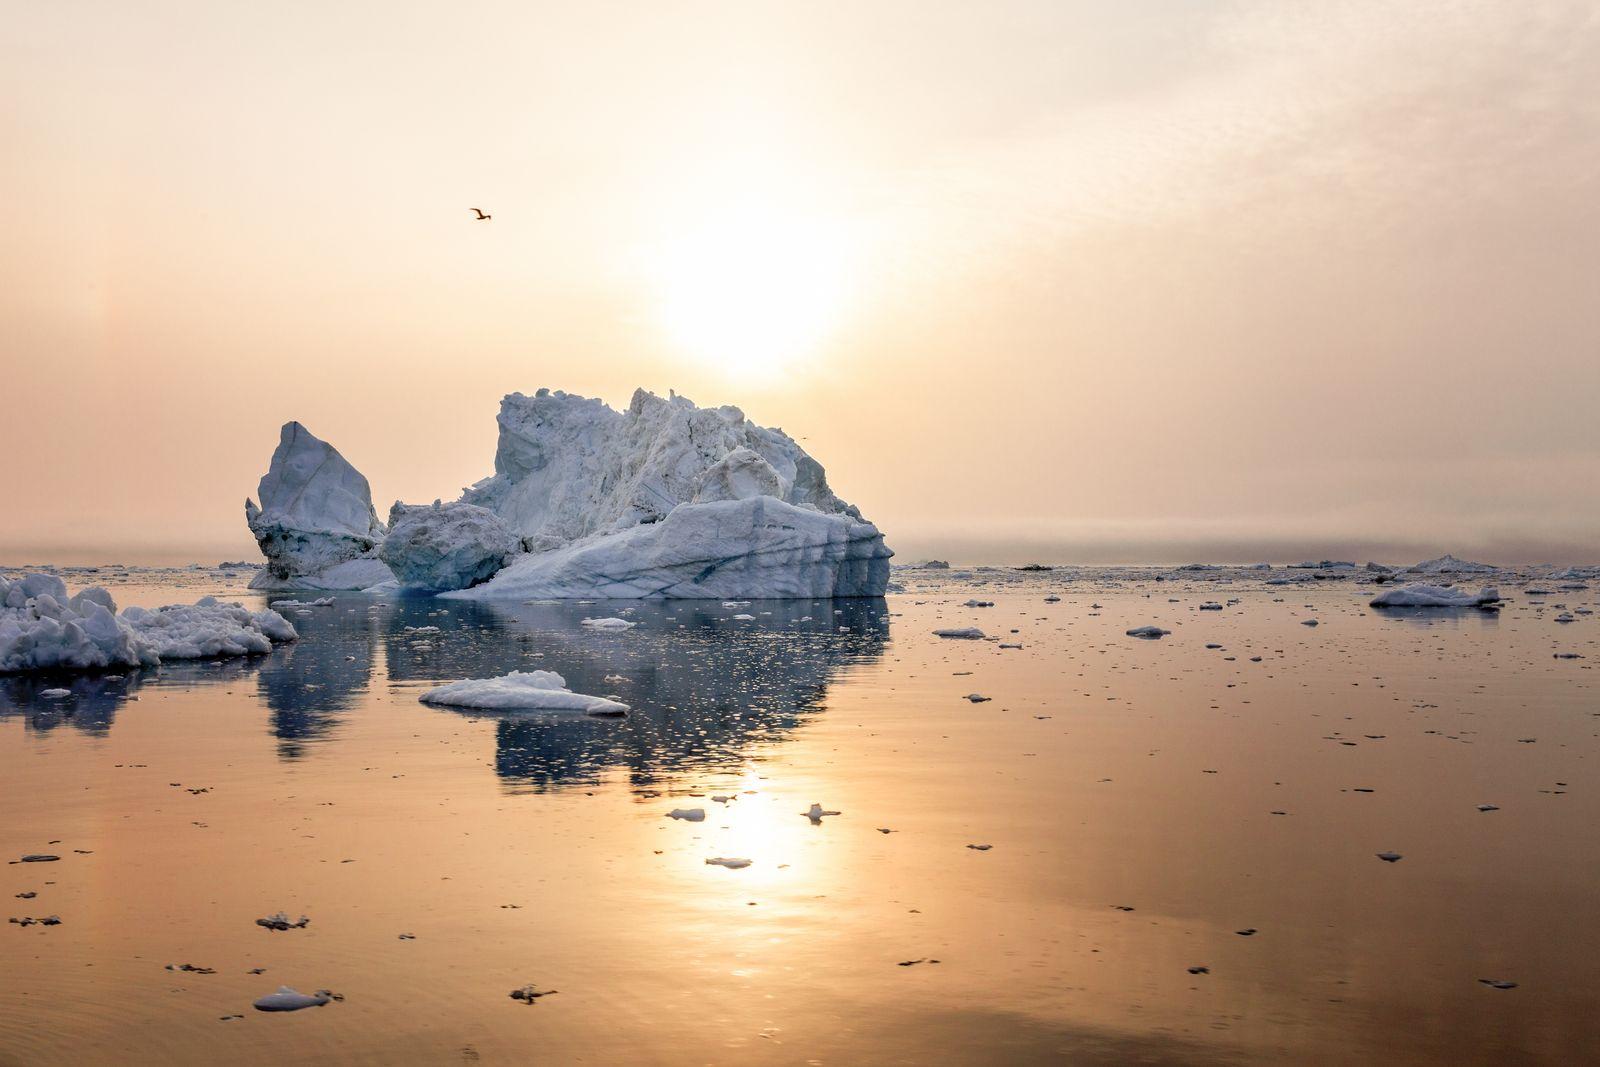 Iceberg in the sunset on beautiful sea